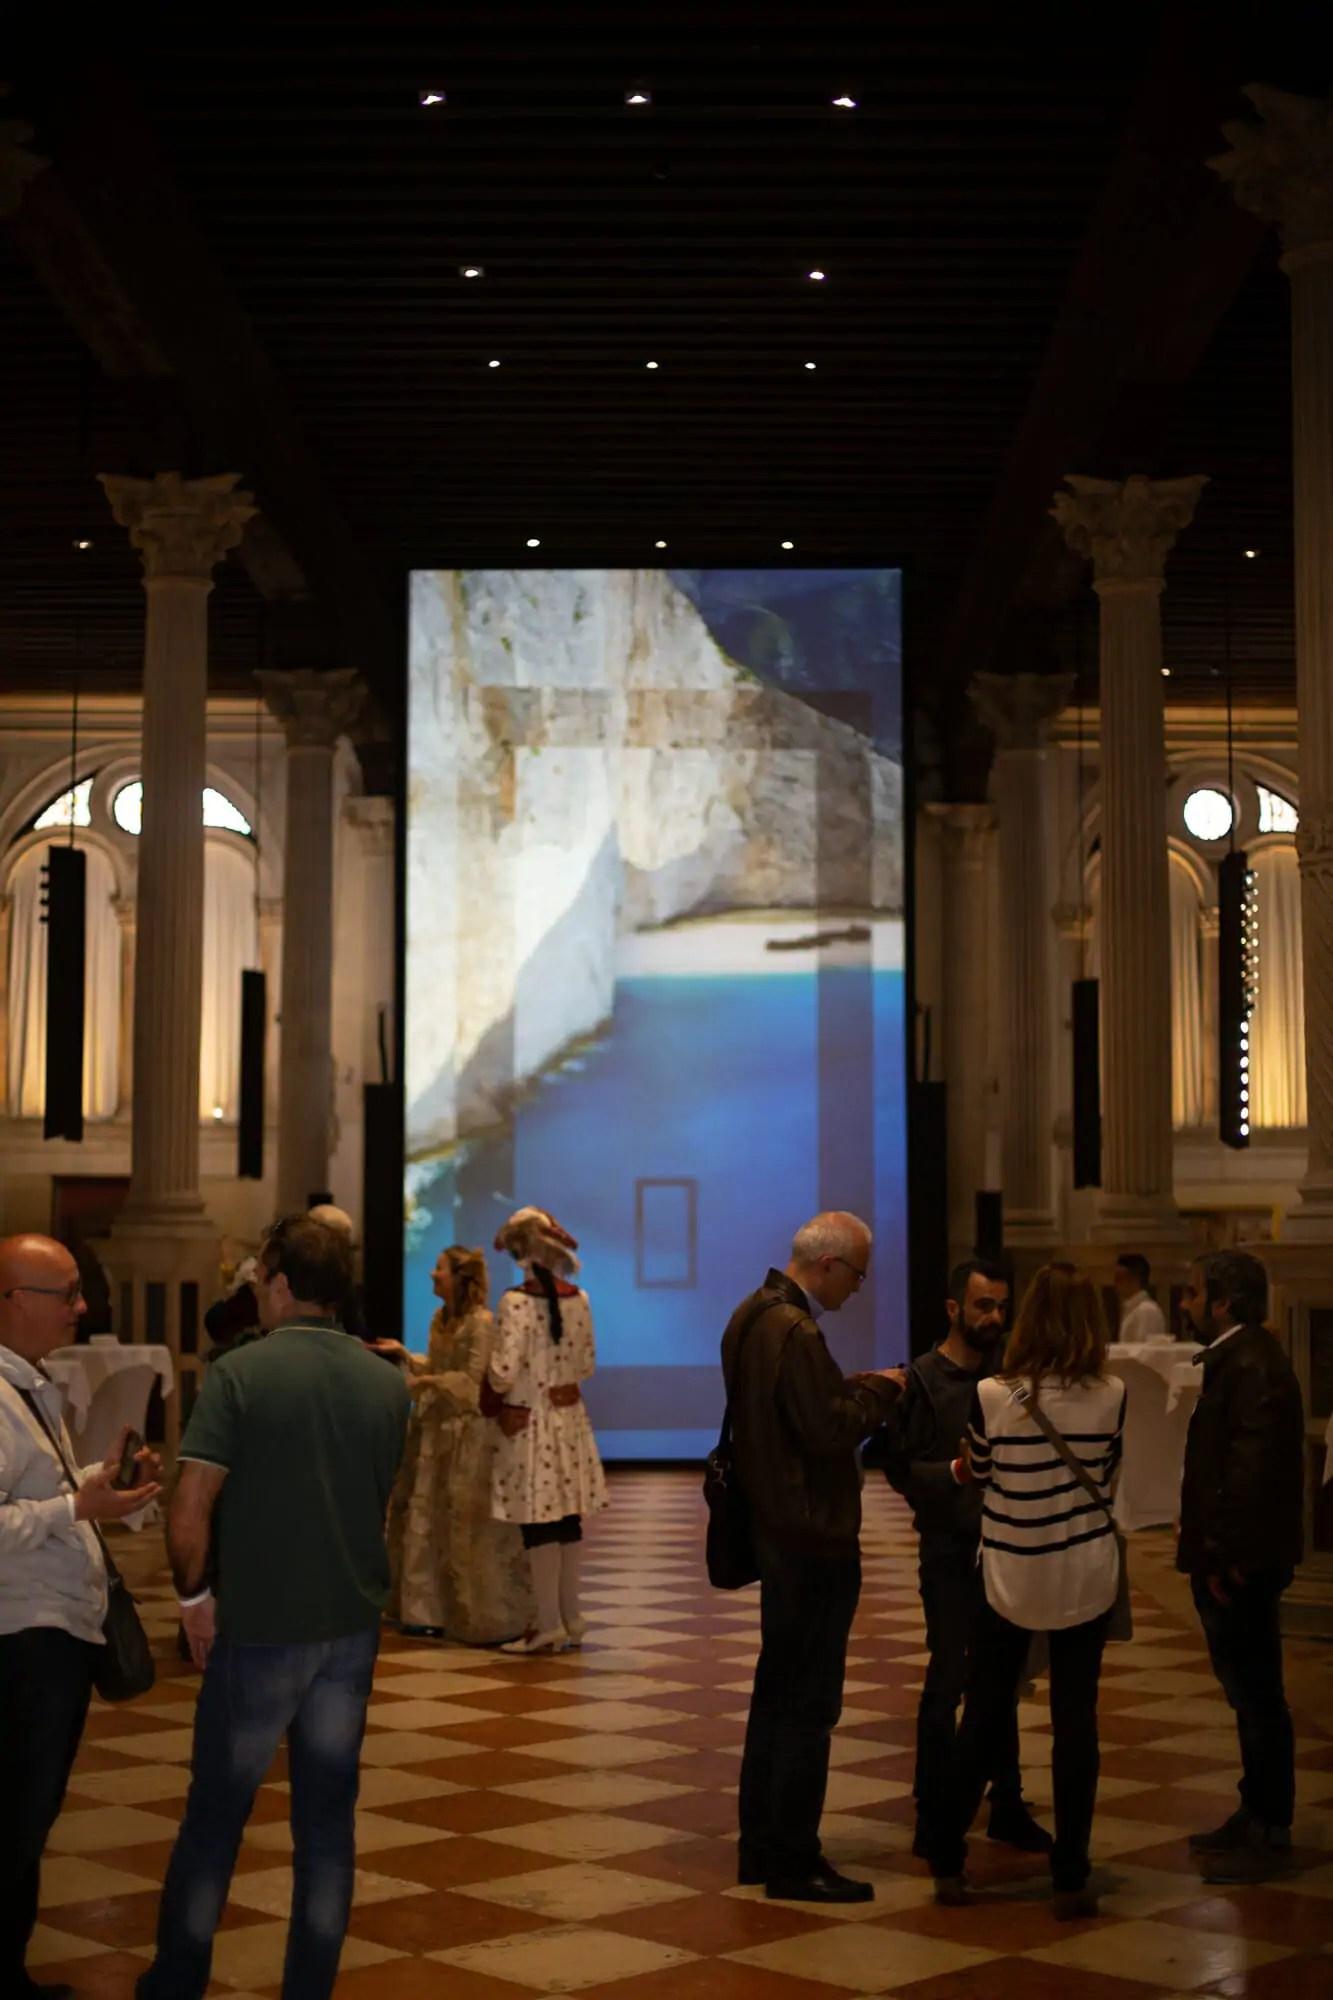 APZmedia's concept for the Oikos presentation at the Scuola di San Rocco in Venice